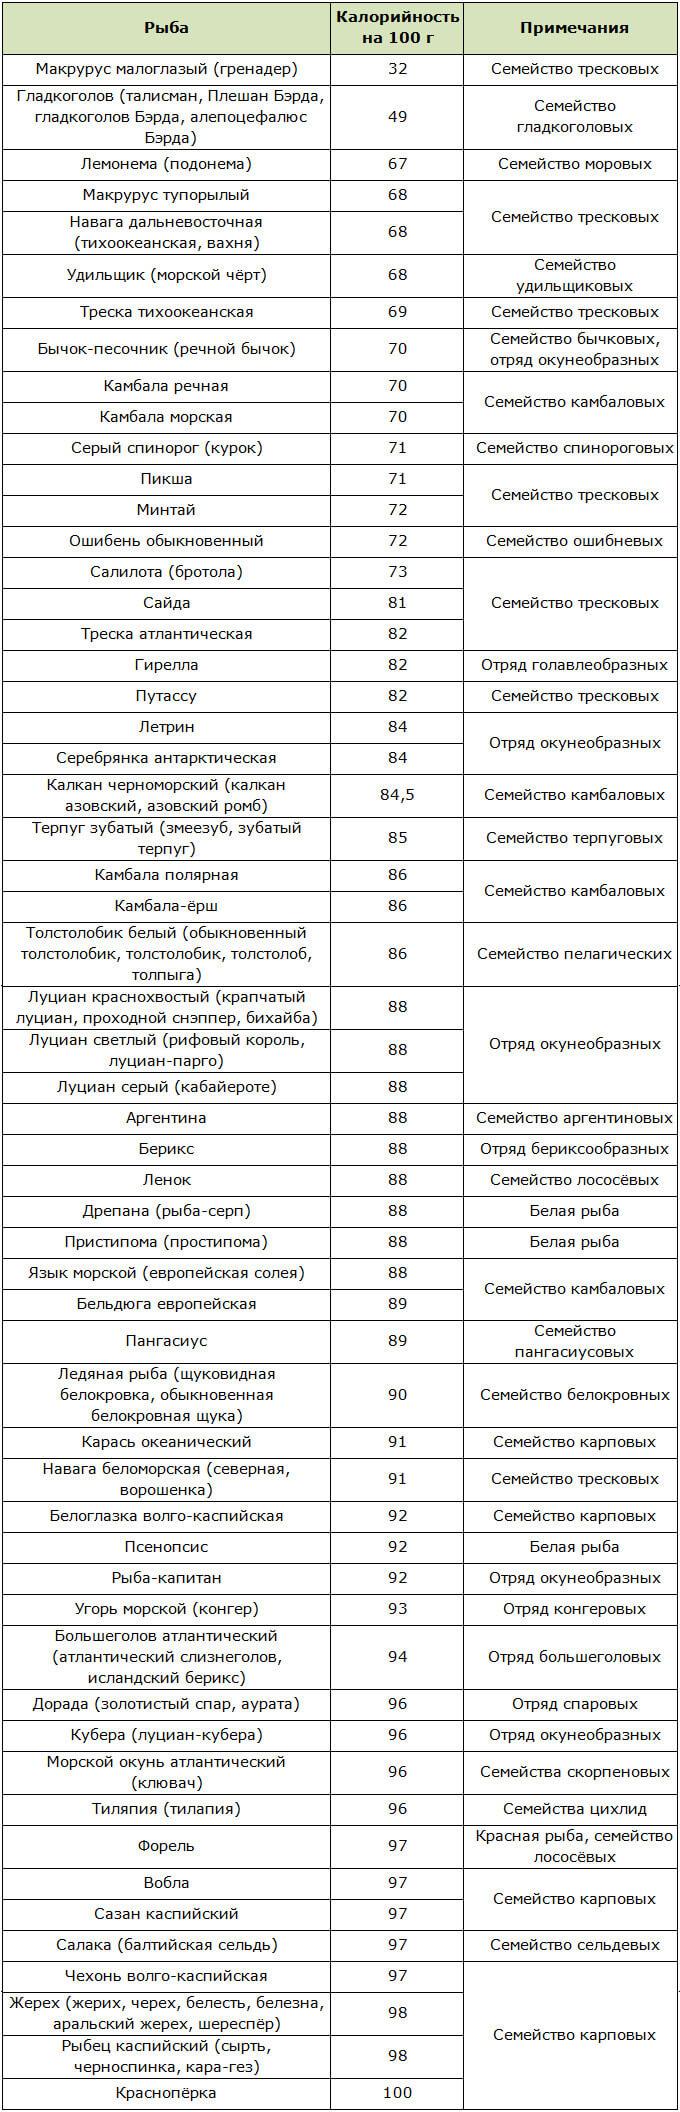 Таблица низкокалорийных сортов рыб